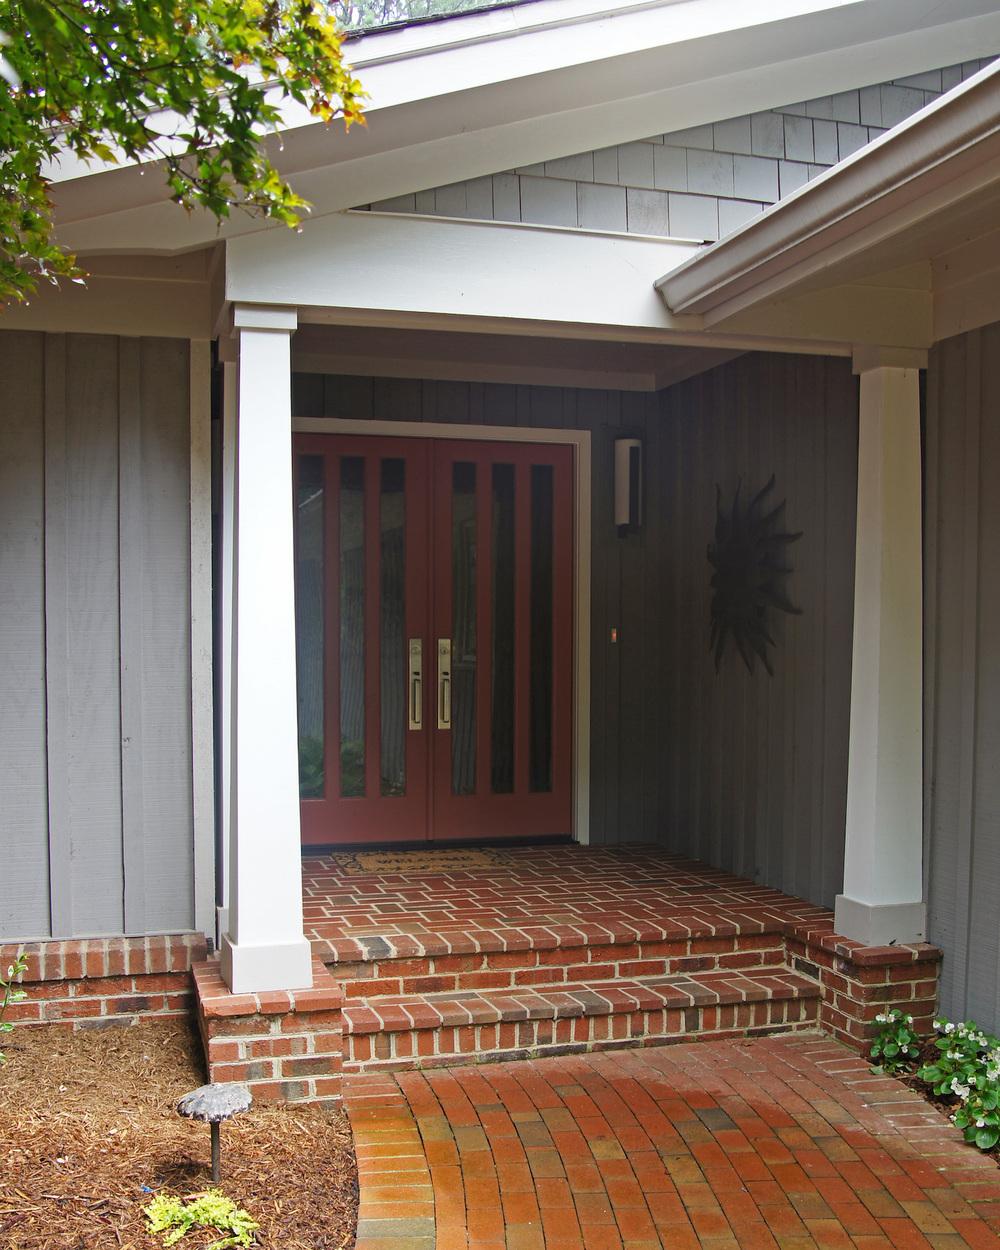 CEfrontdoor01.jpg